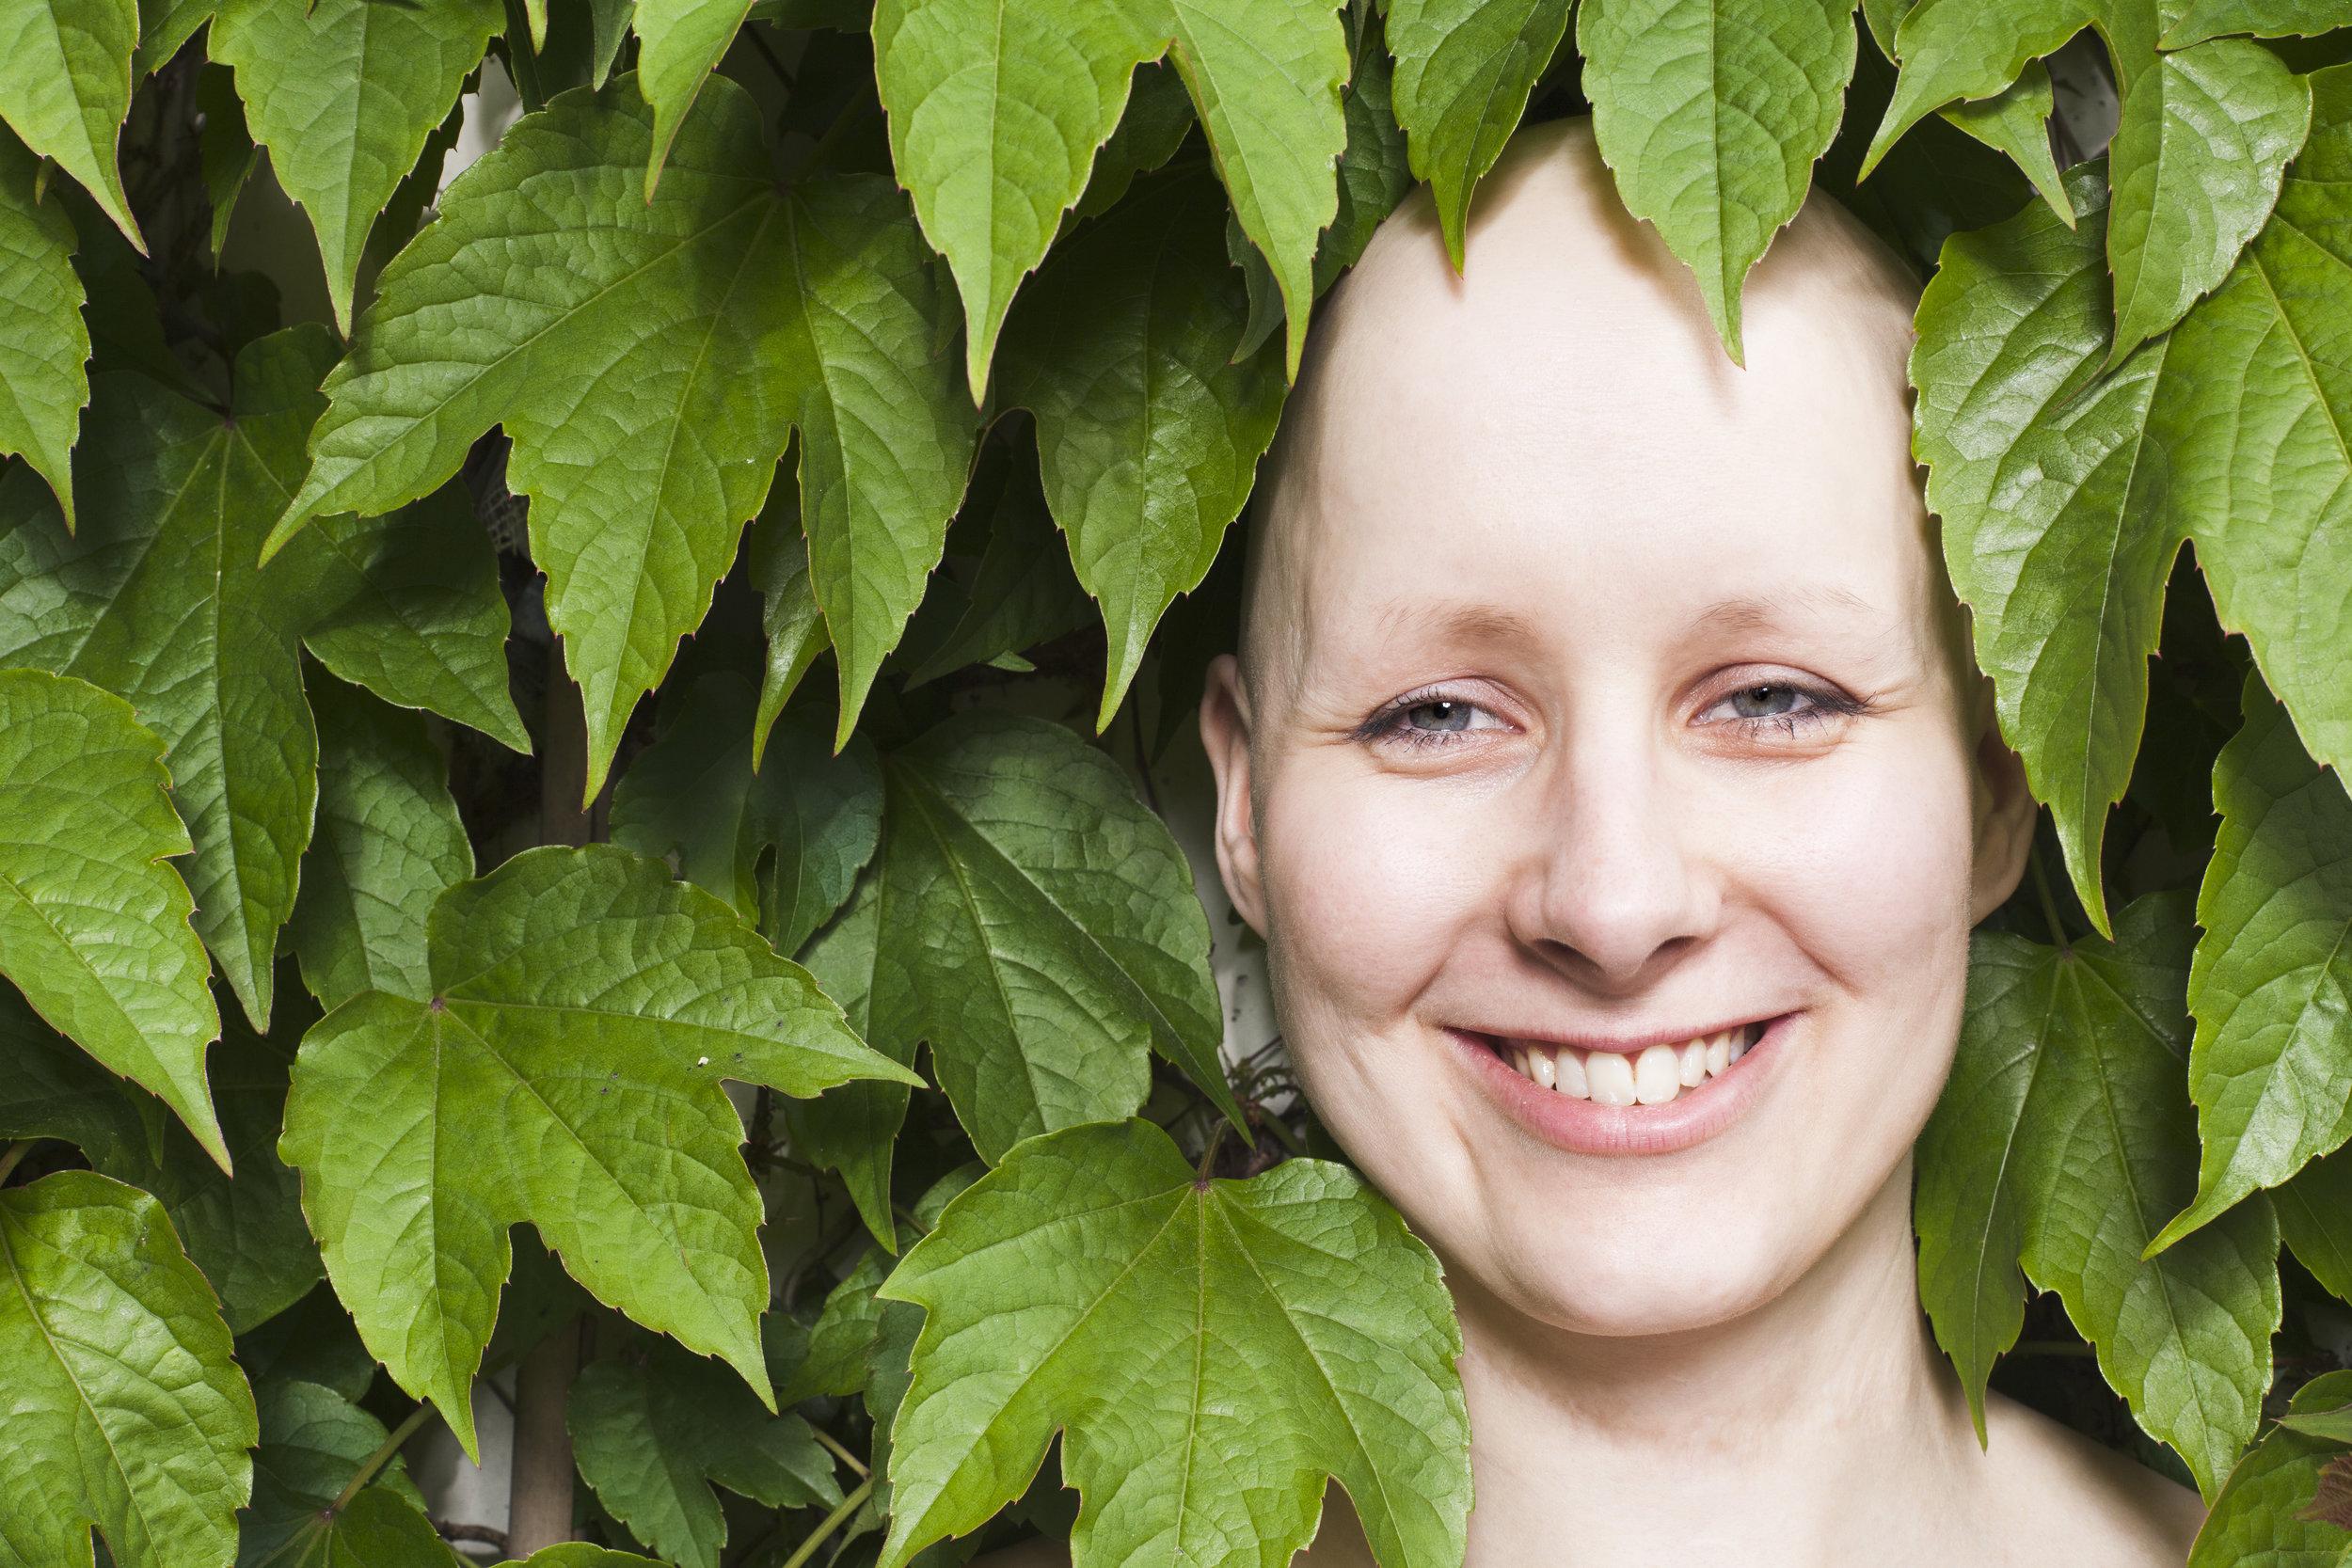 - Il faut préciser que la perte des cheveux n'est pas systématique en cas de chimiothérapie et qu'elle est surtout temporaire. Les cheveux repoussent une fois les traitements terminés.